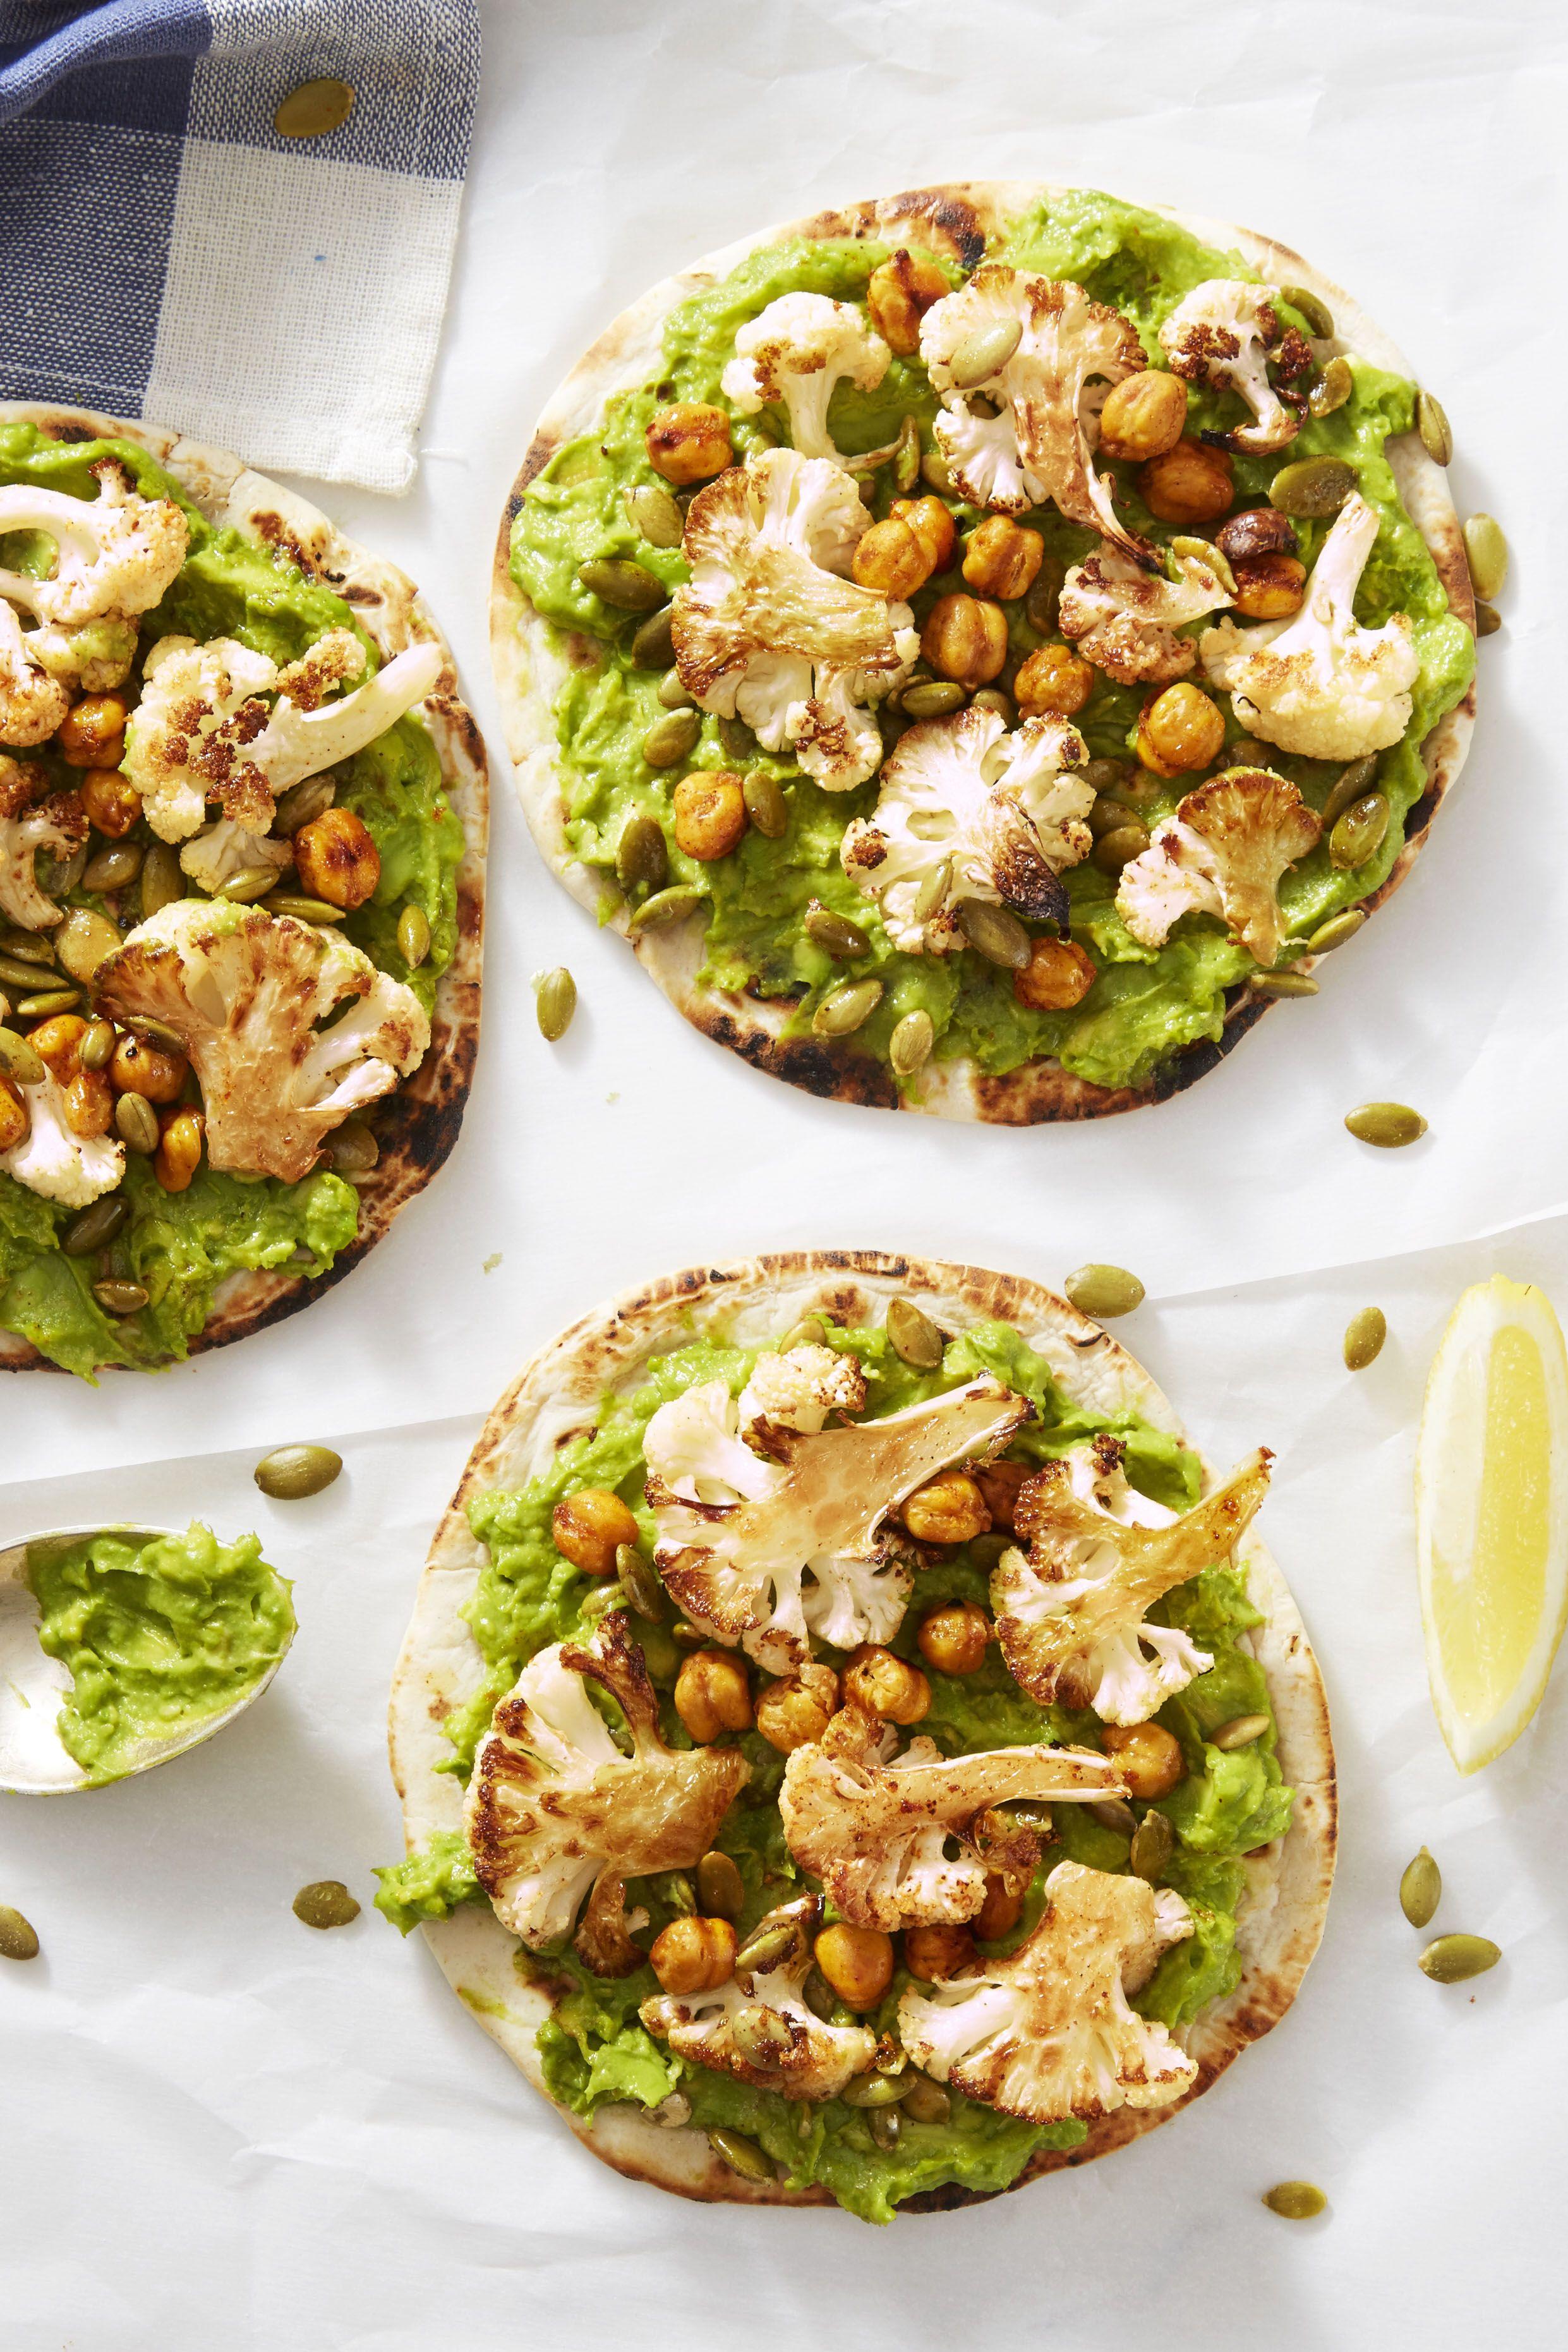 18 Sándwiches saludables - Recetas para almuerzo